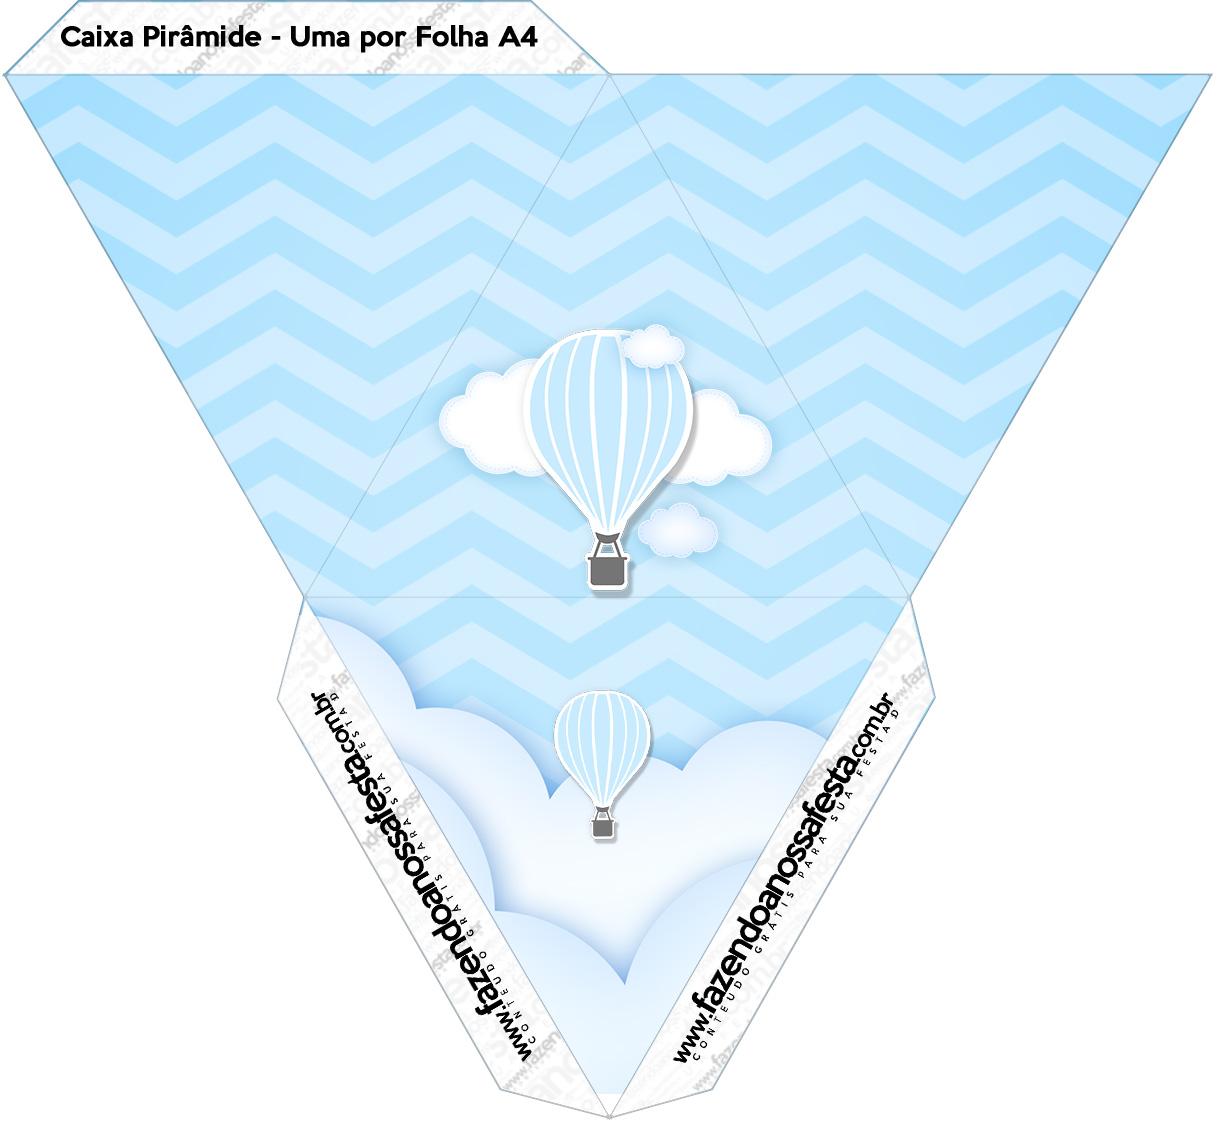 Caixa Piramide Balão de Ar Quente Azul